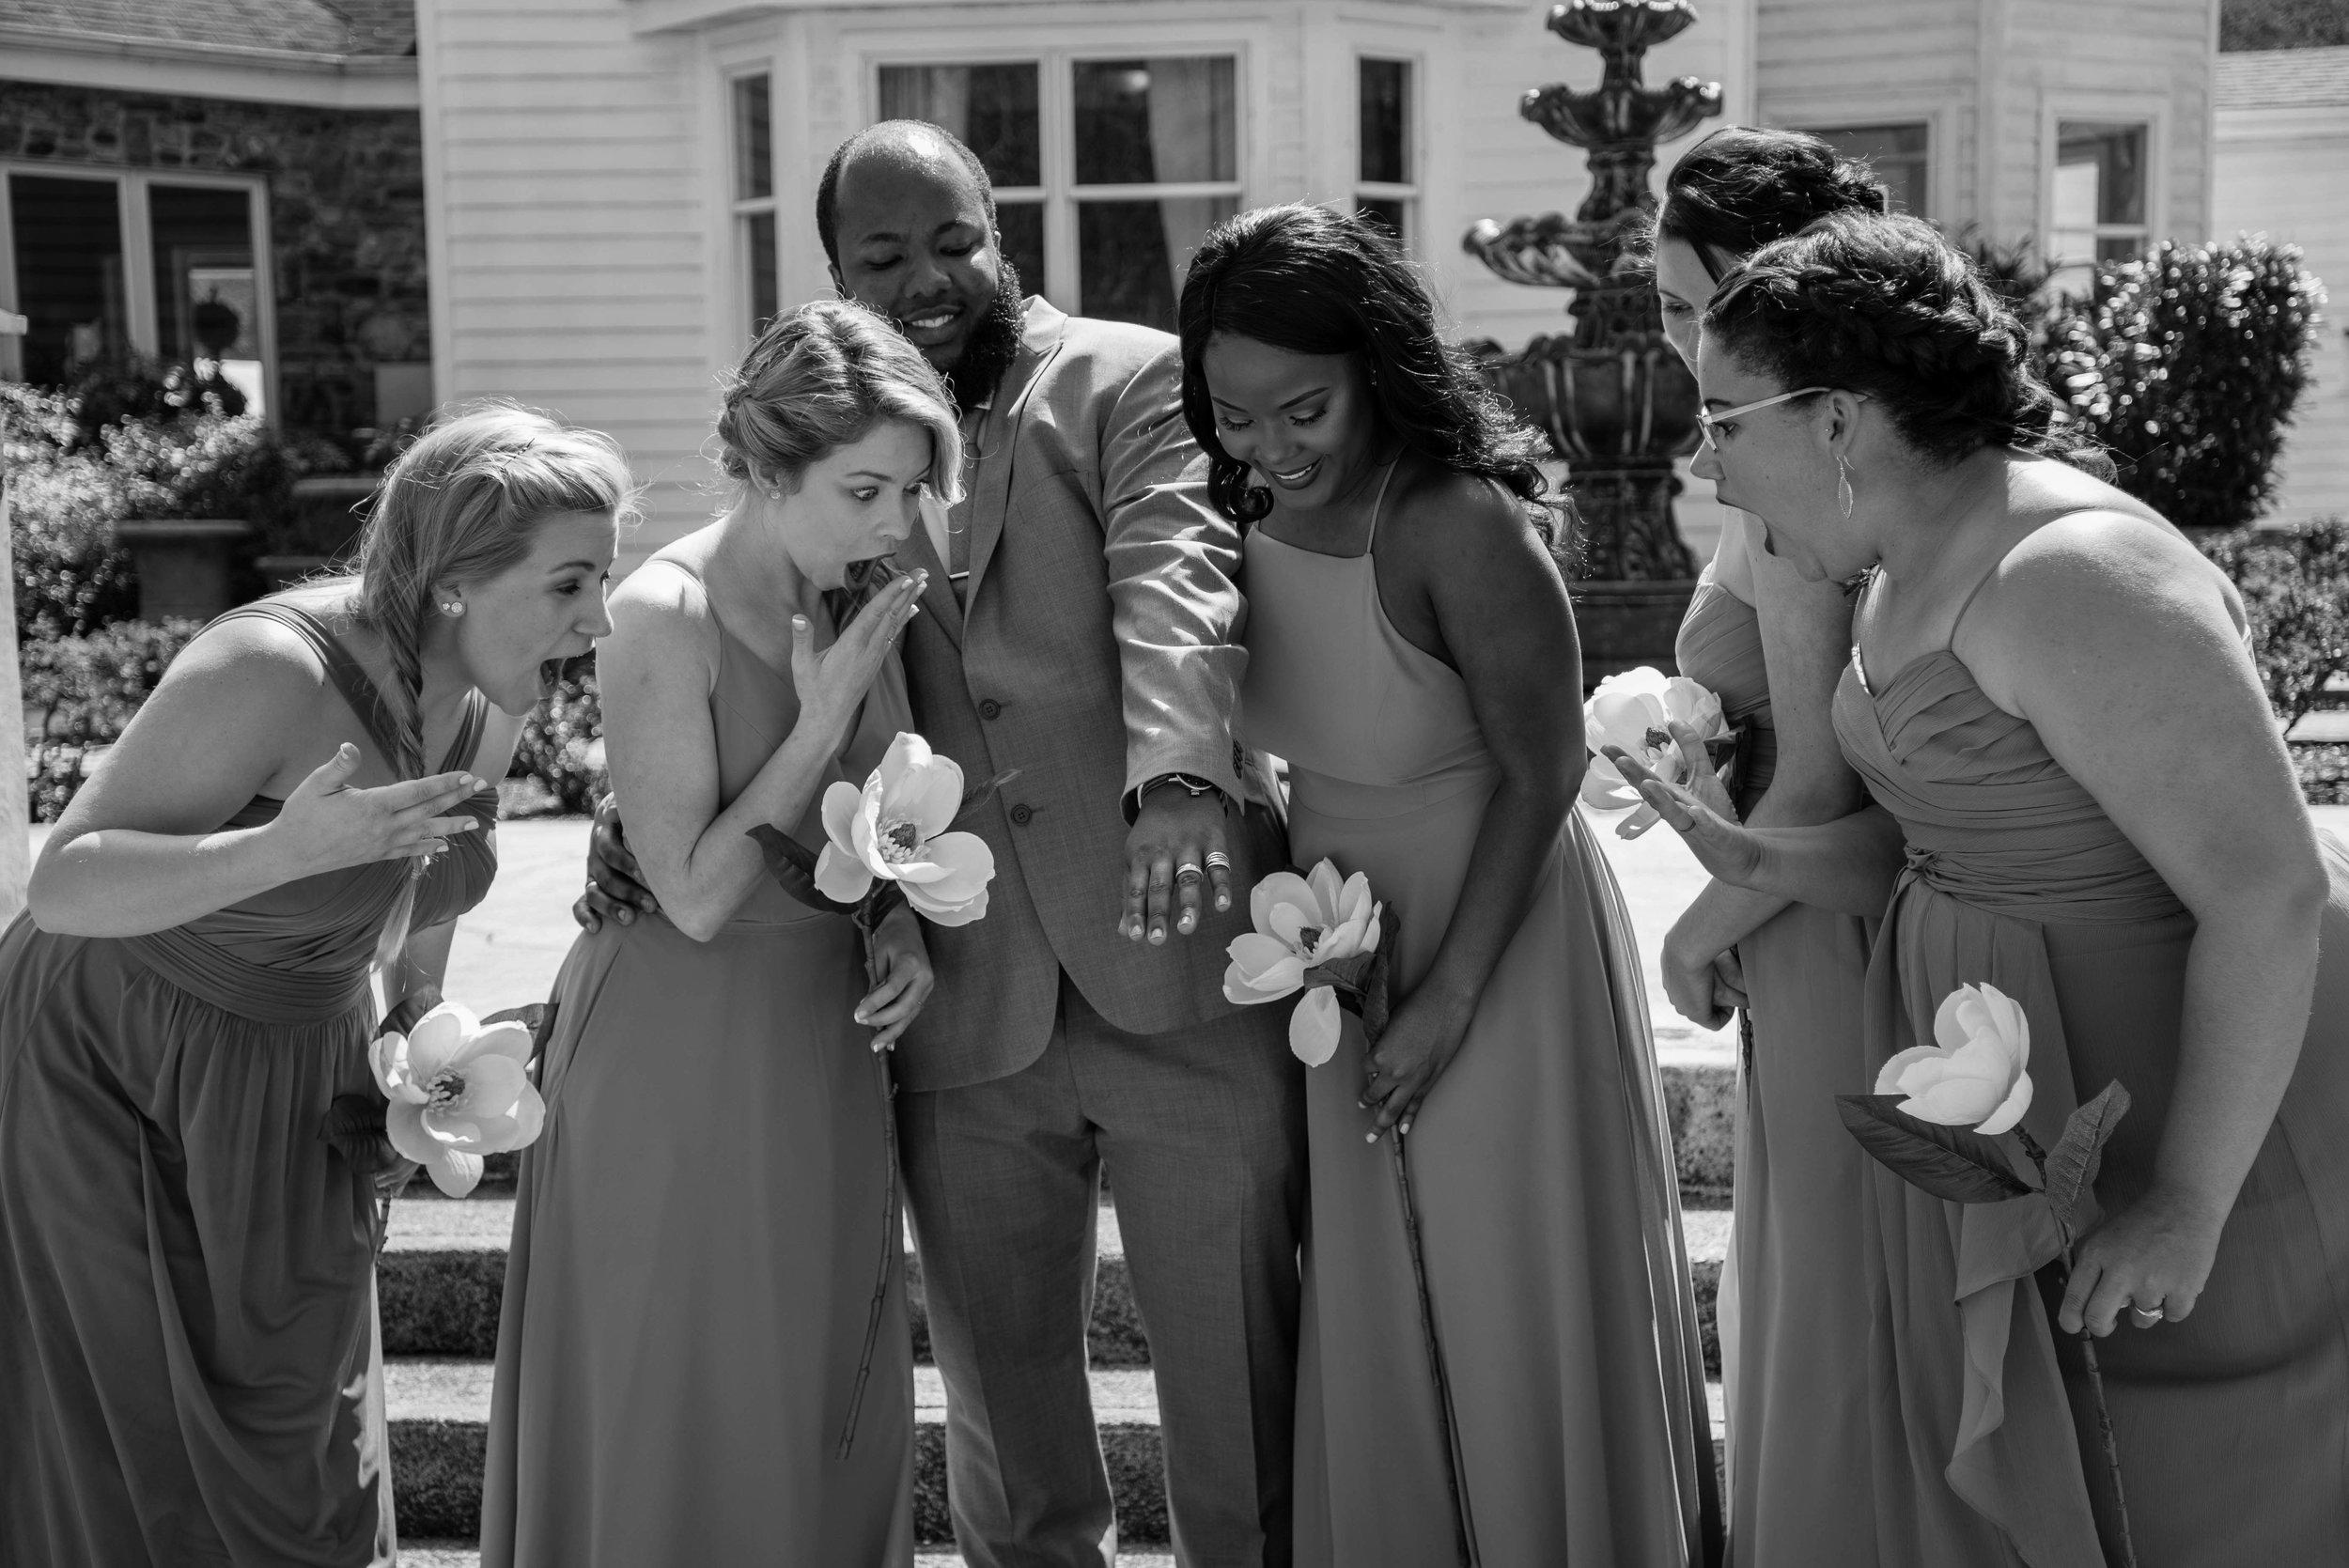 weddingpartyb&w-019.jpg